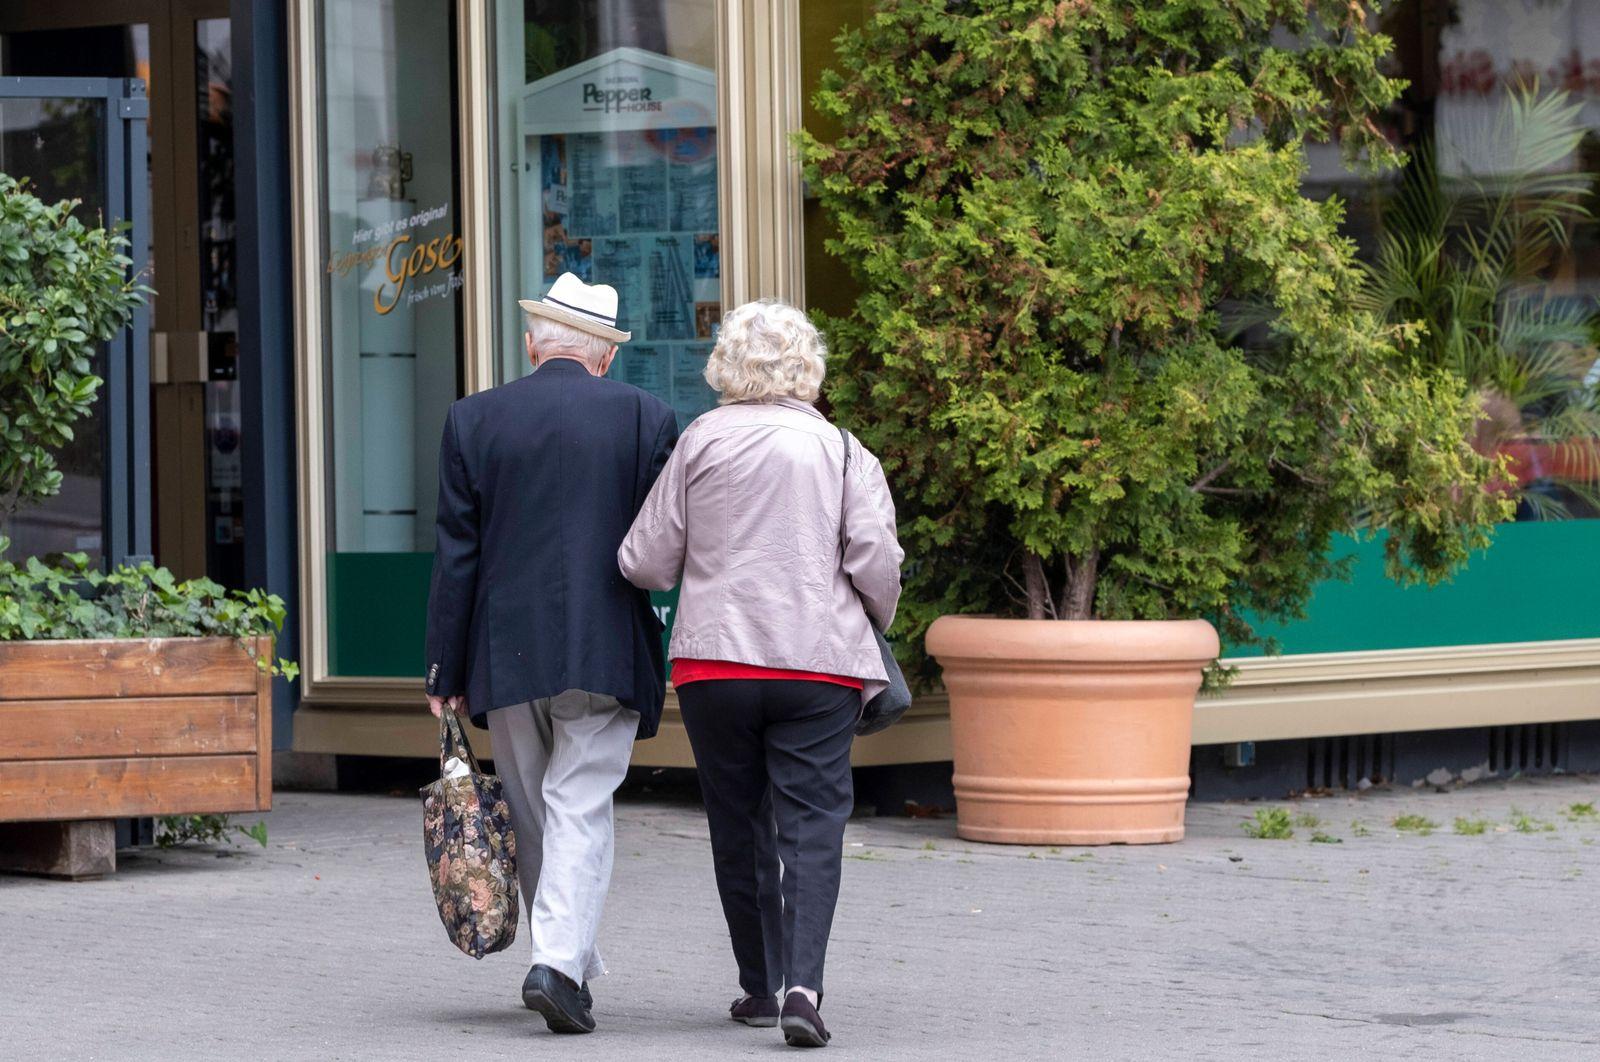 ƒlteres Ehepaar auf dem Weg zu einem Restaurant in Leipzig Senioren in Leipzig *** Older couple on their way to a restau